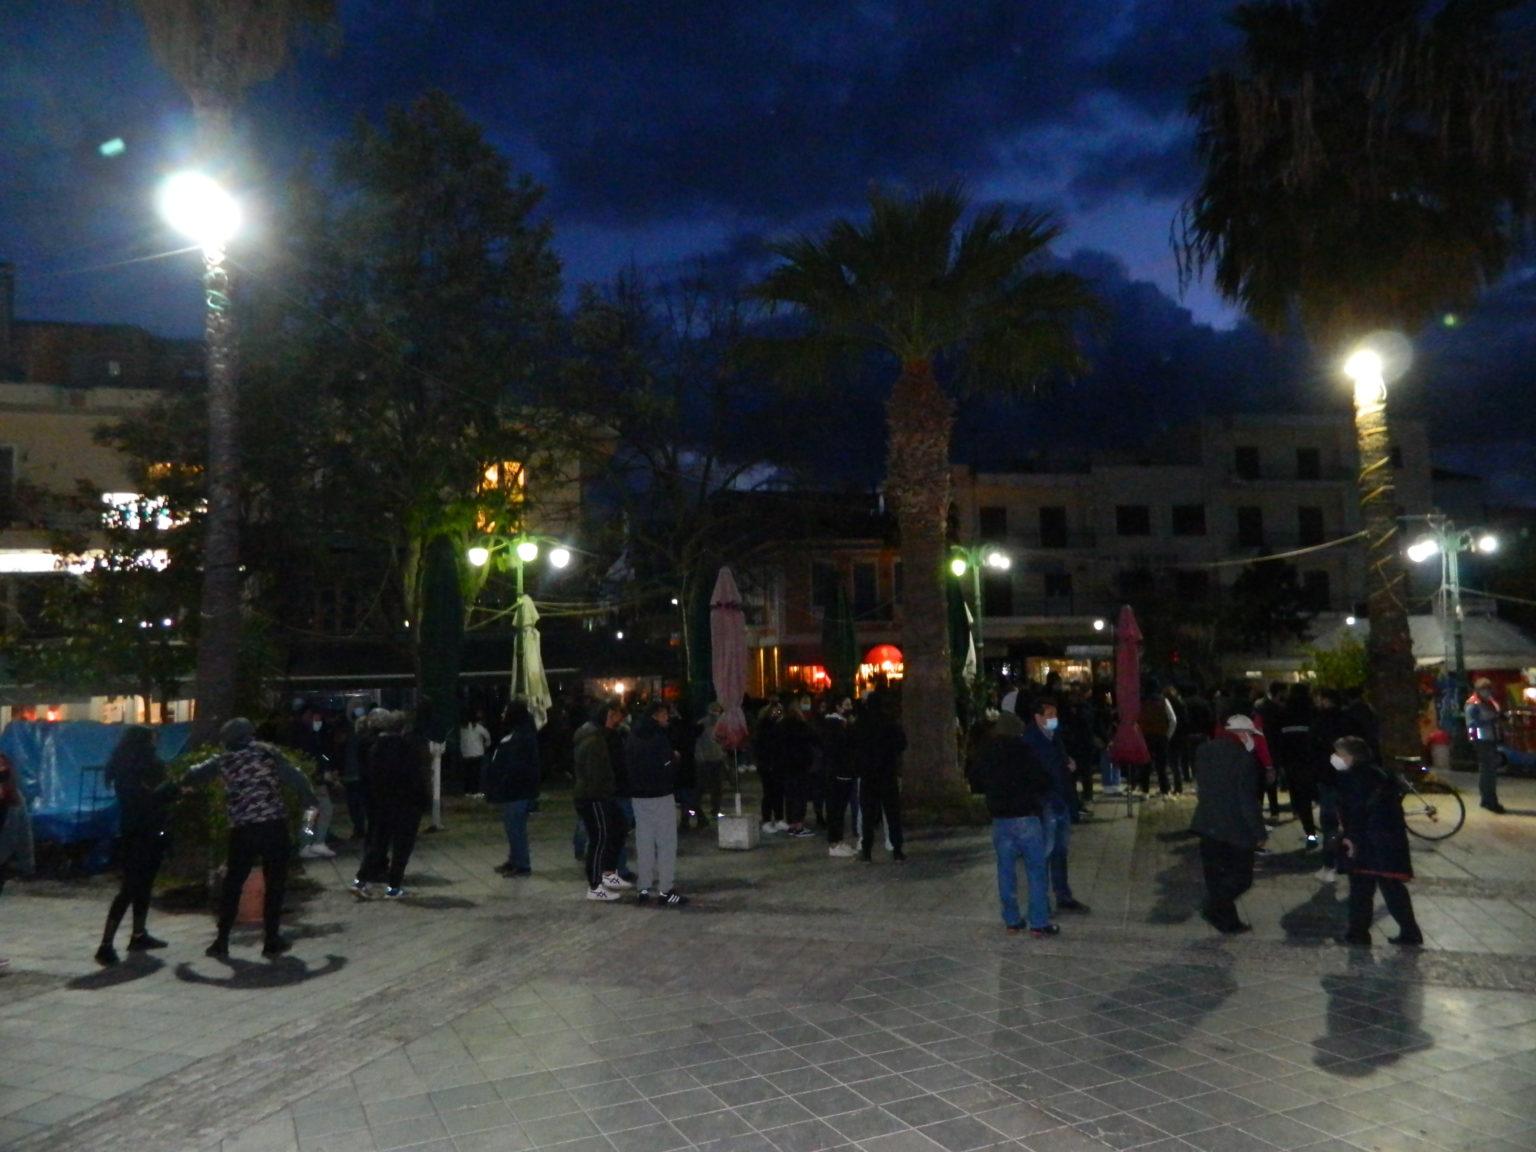 Αμαλιάδα: Συγκέντρωση και πορεία από εκατοντάδες πολίτες ενάντια στην αστυνομική βία